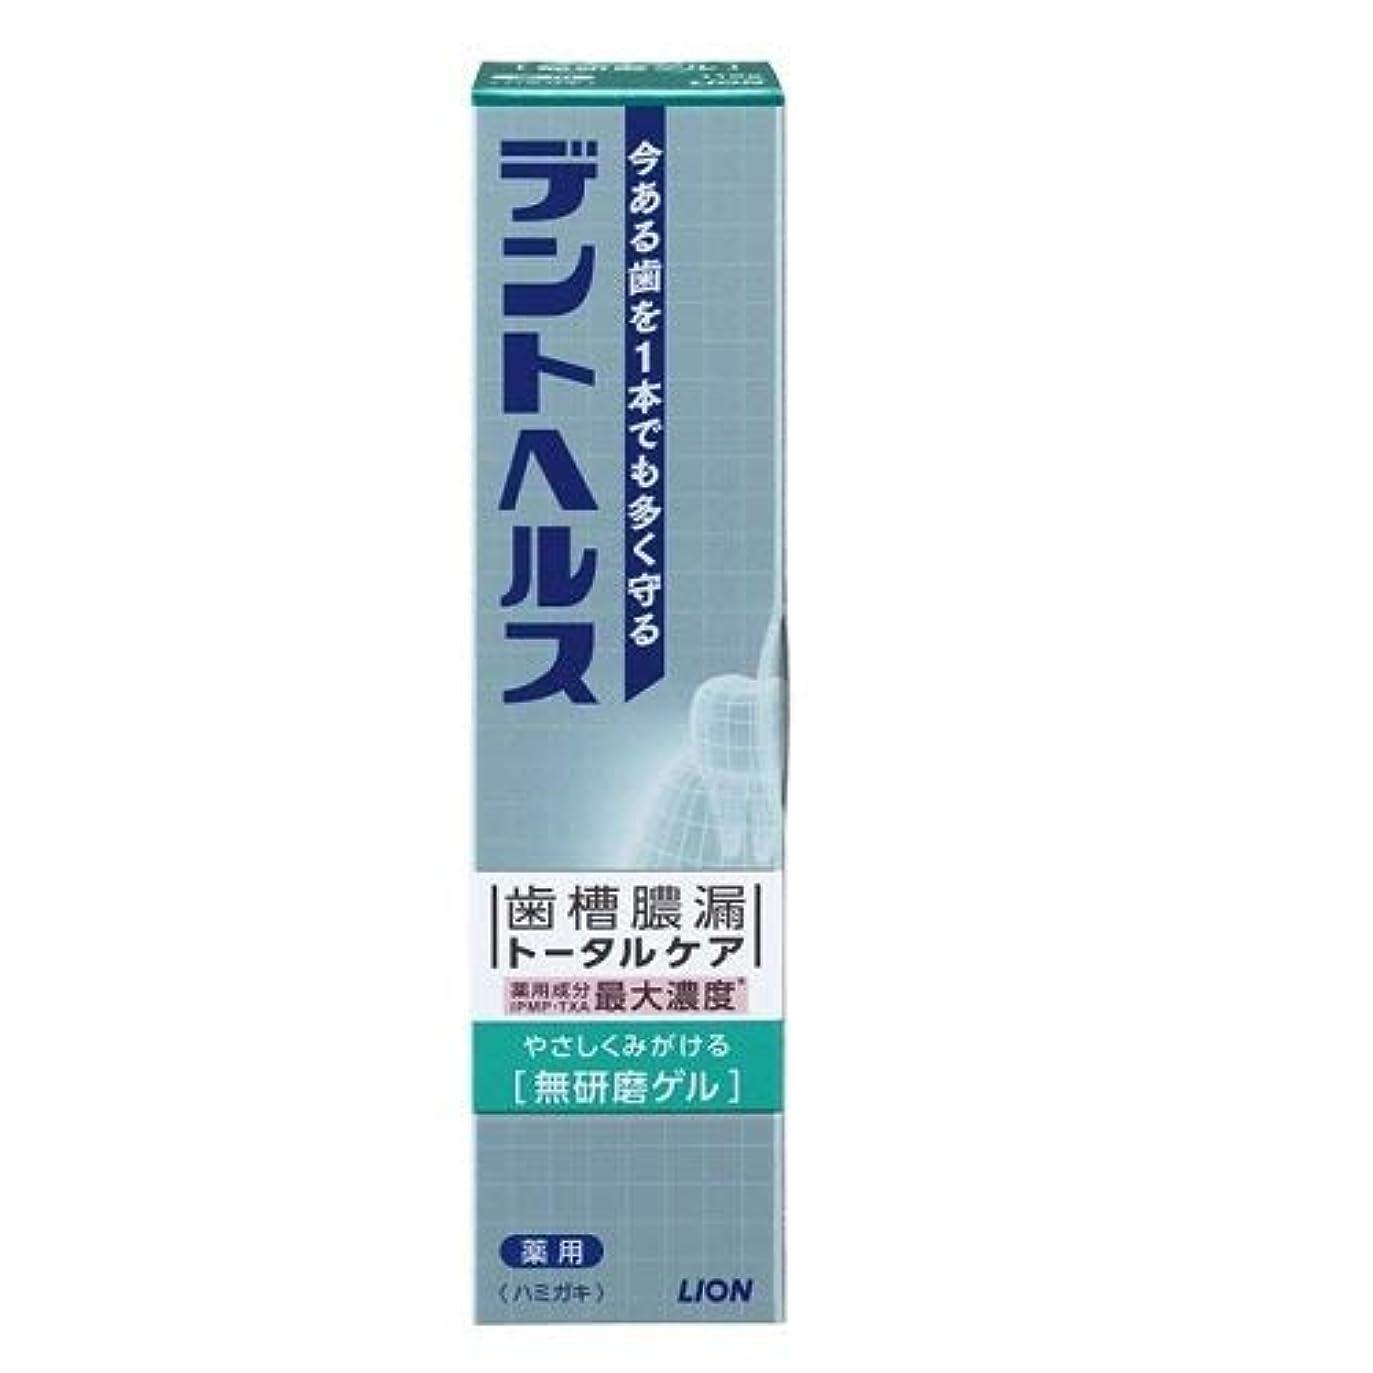 成人期珍しい言うライオン デントヘルス 薬用ハミガキ 無研磨ゲル 115g (医薬部外品)× 4